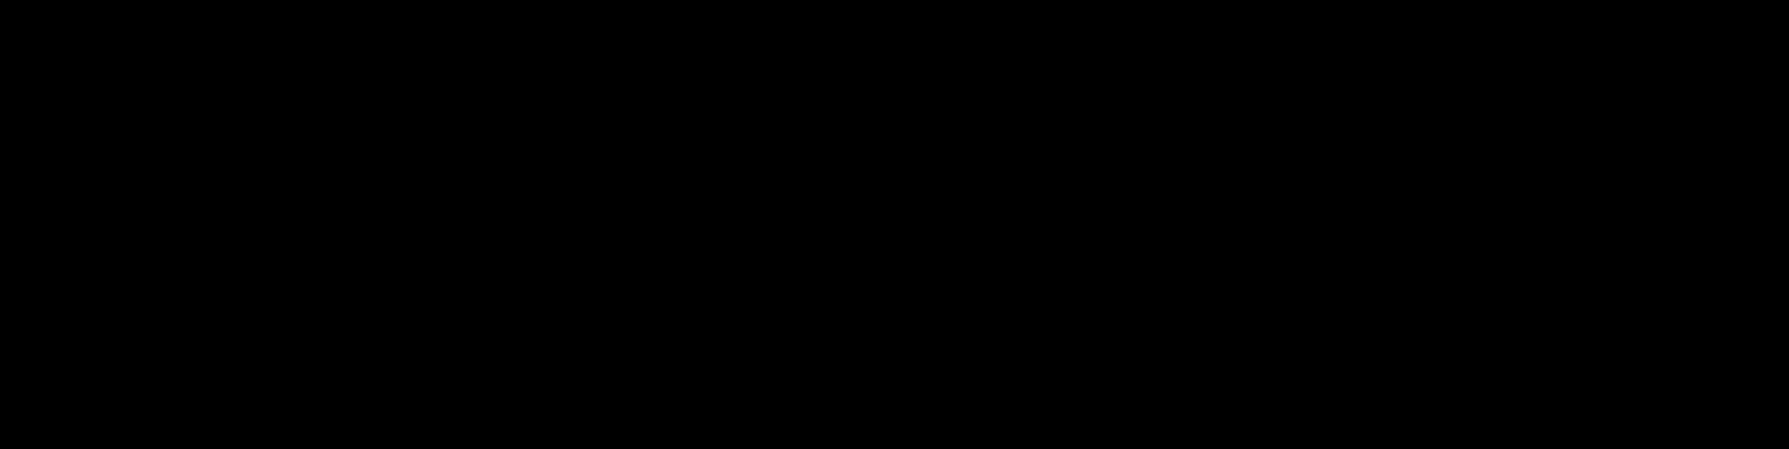 Logo-CratfMusic-czarne